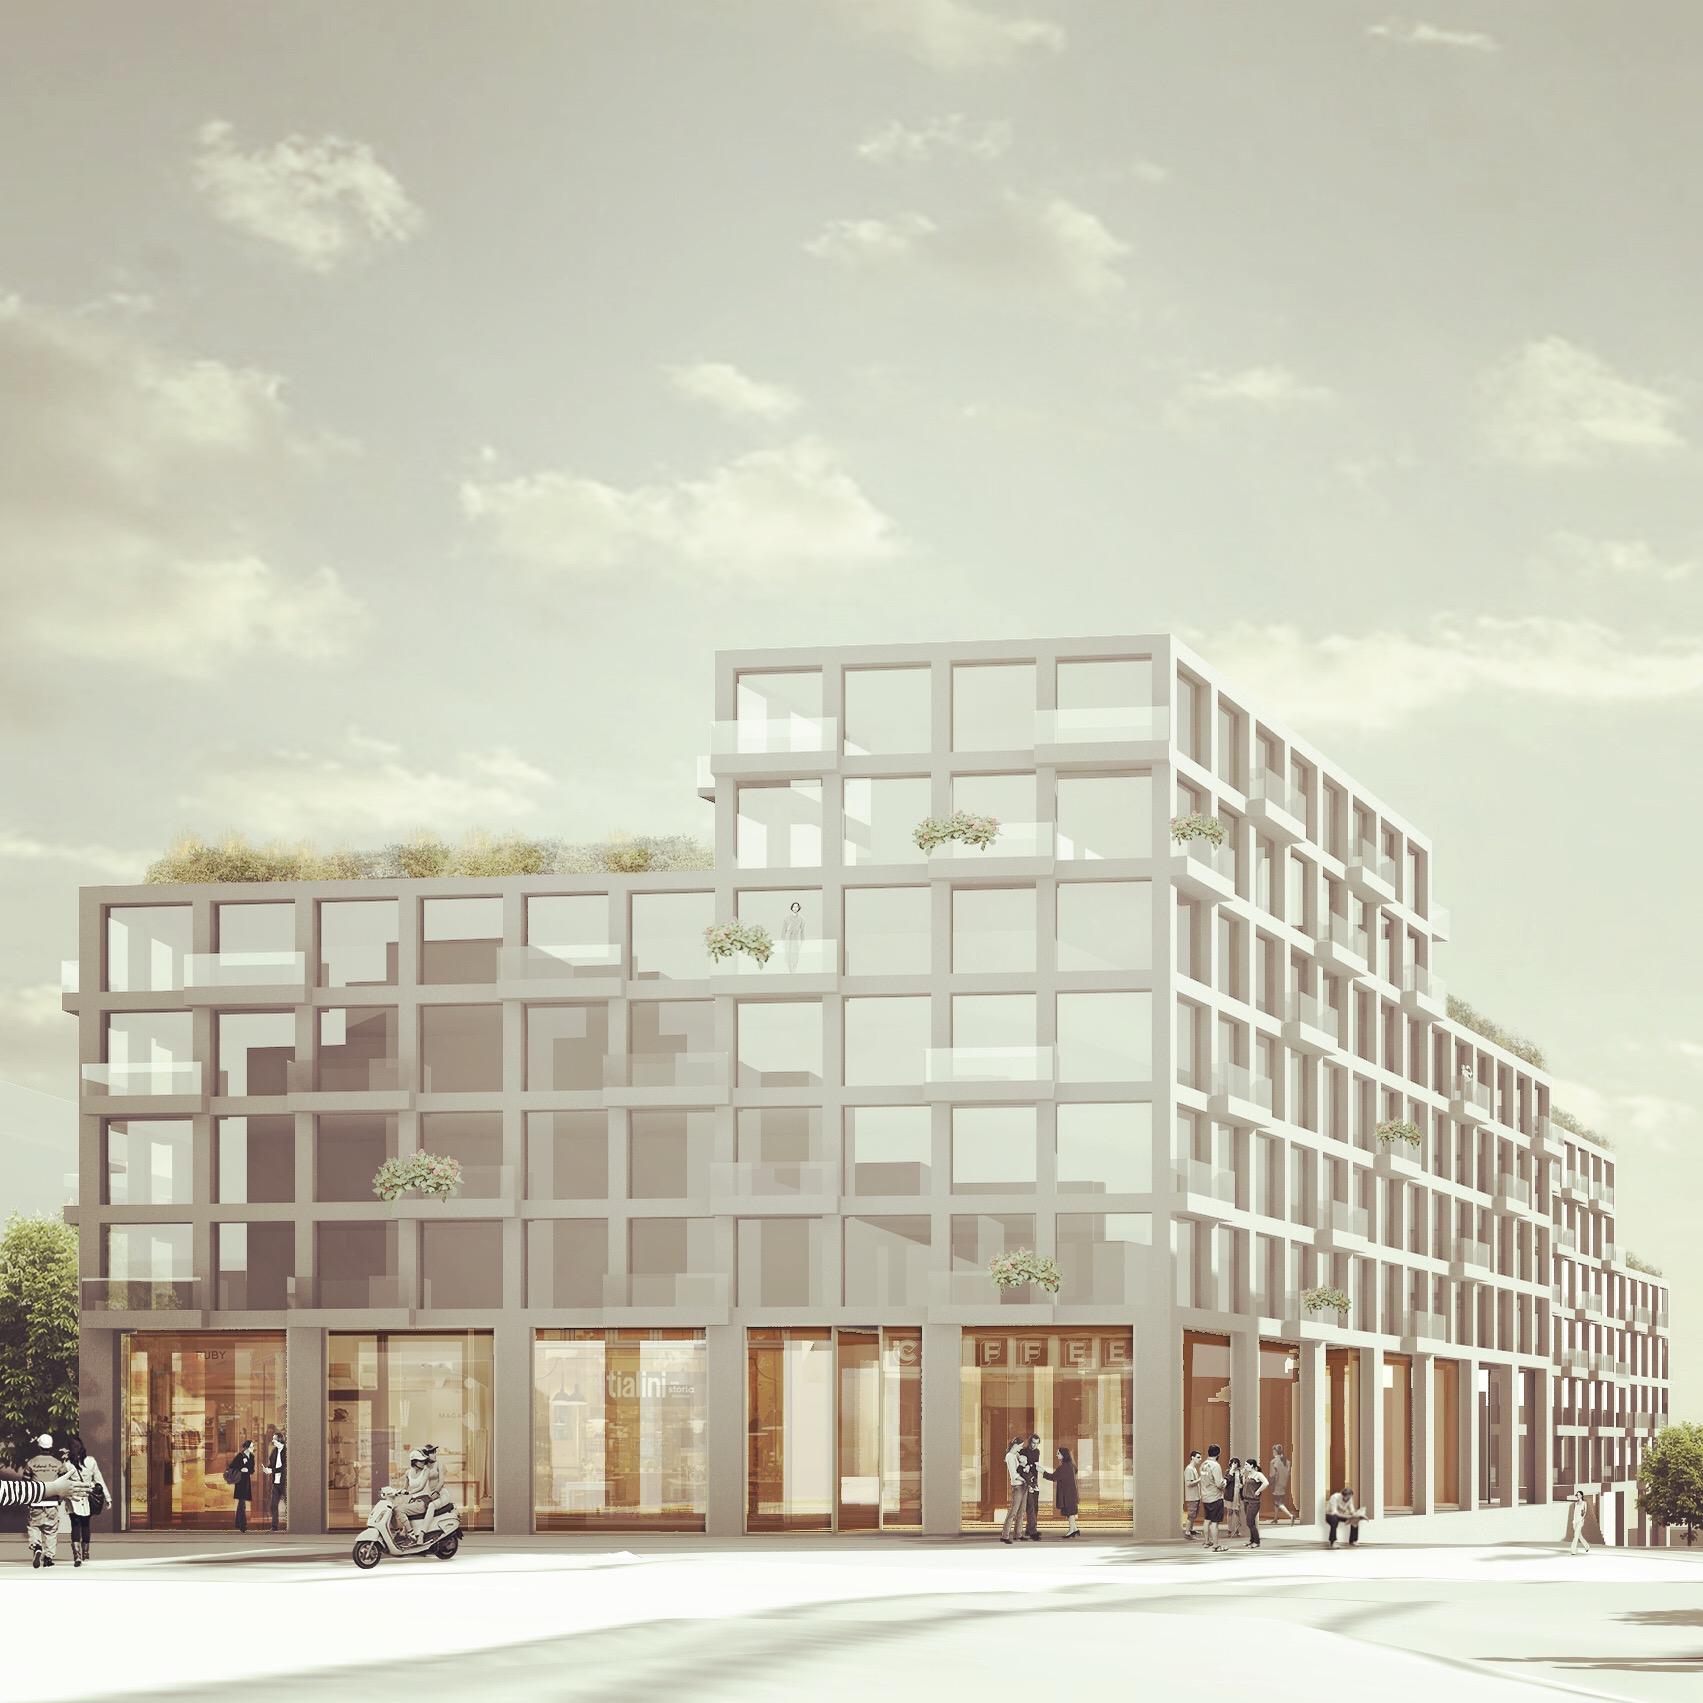 4/2017 - Skisseforslag til et spennende prosjekt på Sinsen - første fase av planarbeidet er i gang :D